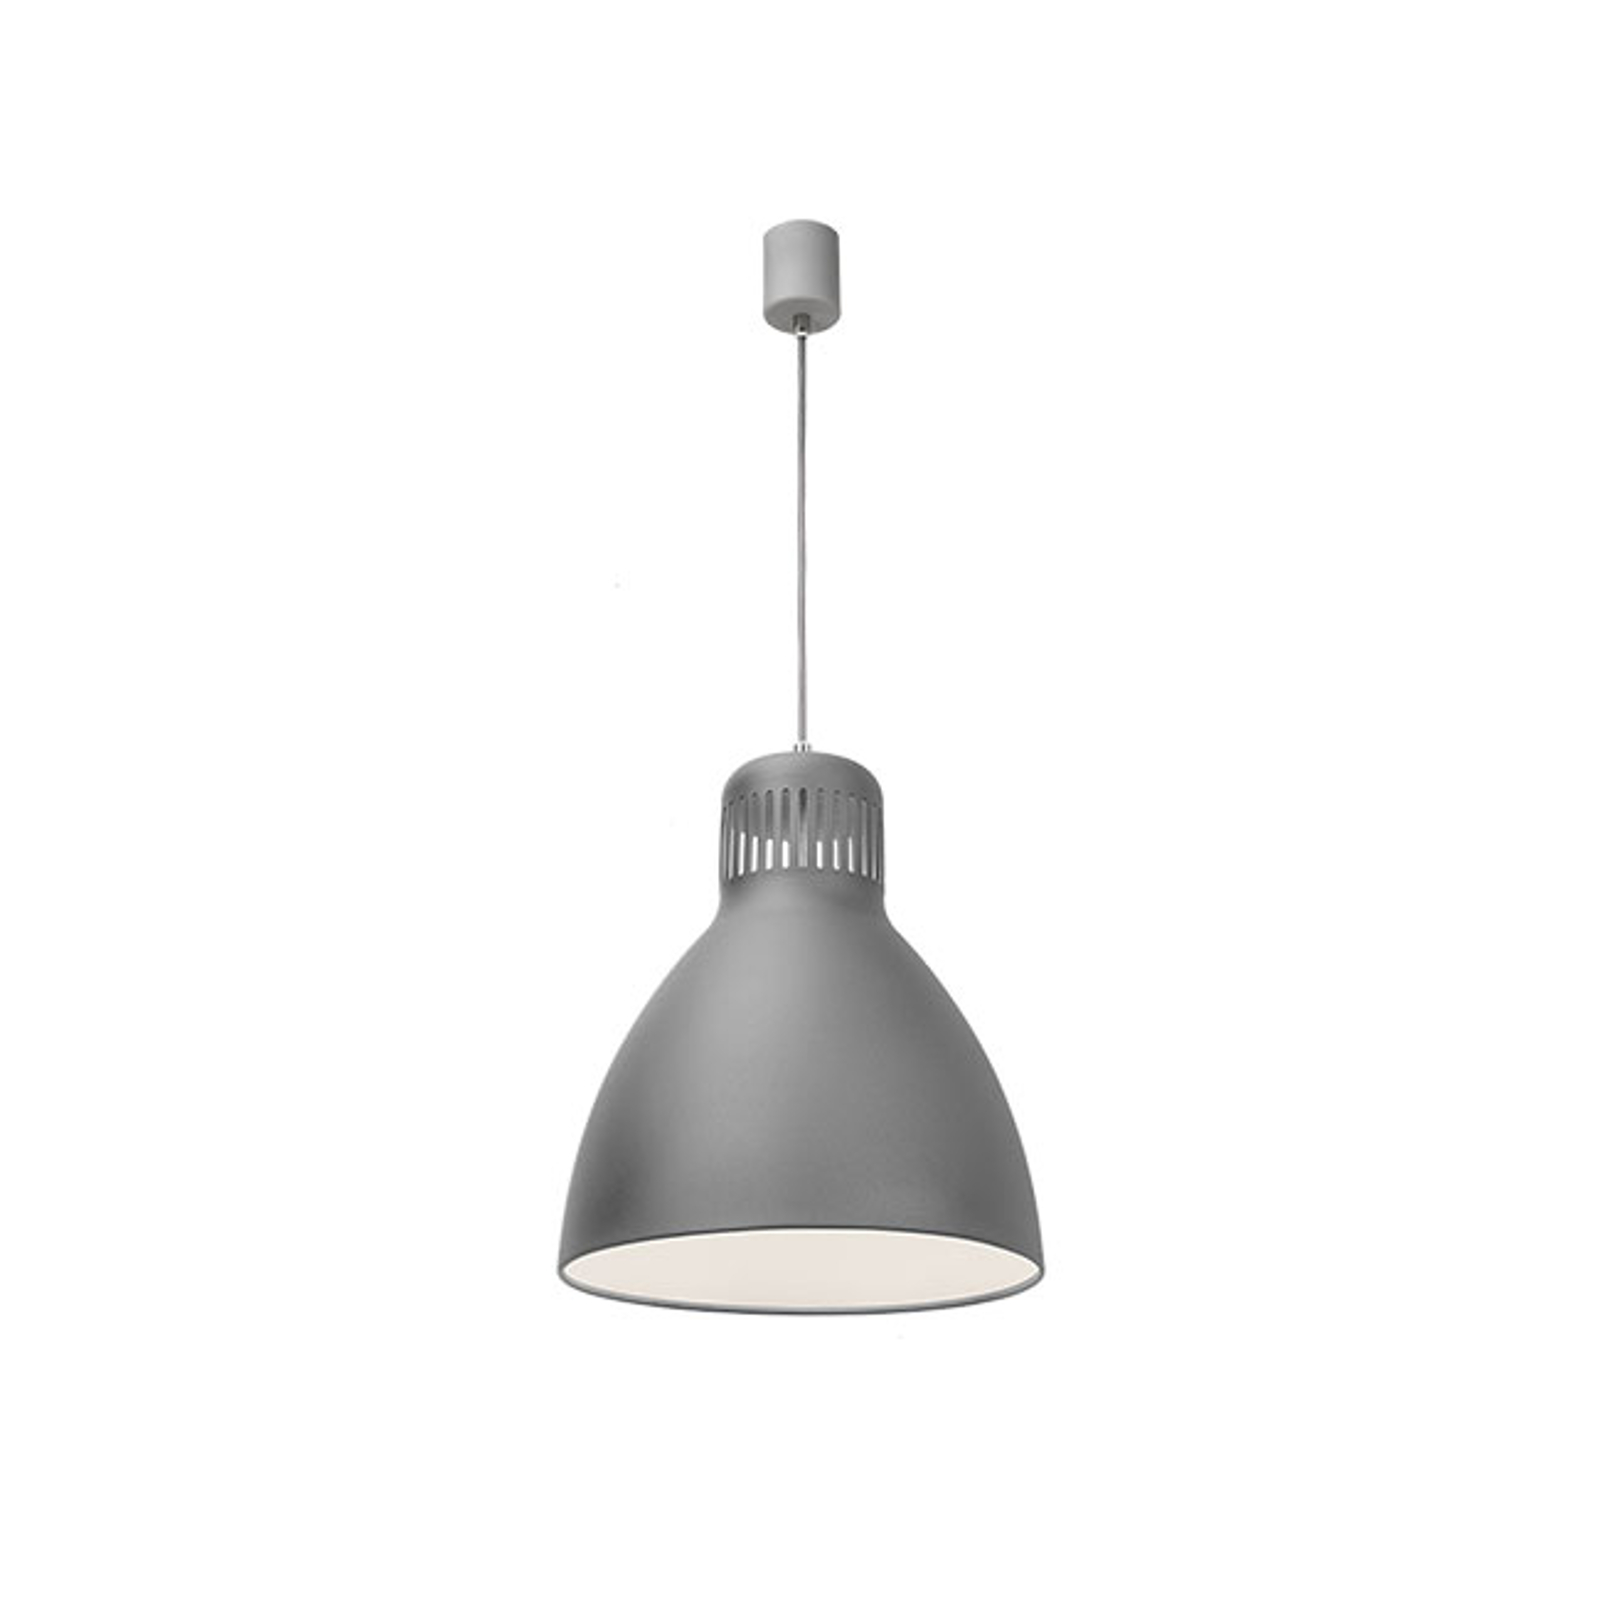 LED-Hängelampe L-1, DALI-dimmbar, 4.000 K, grau